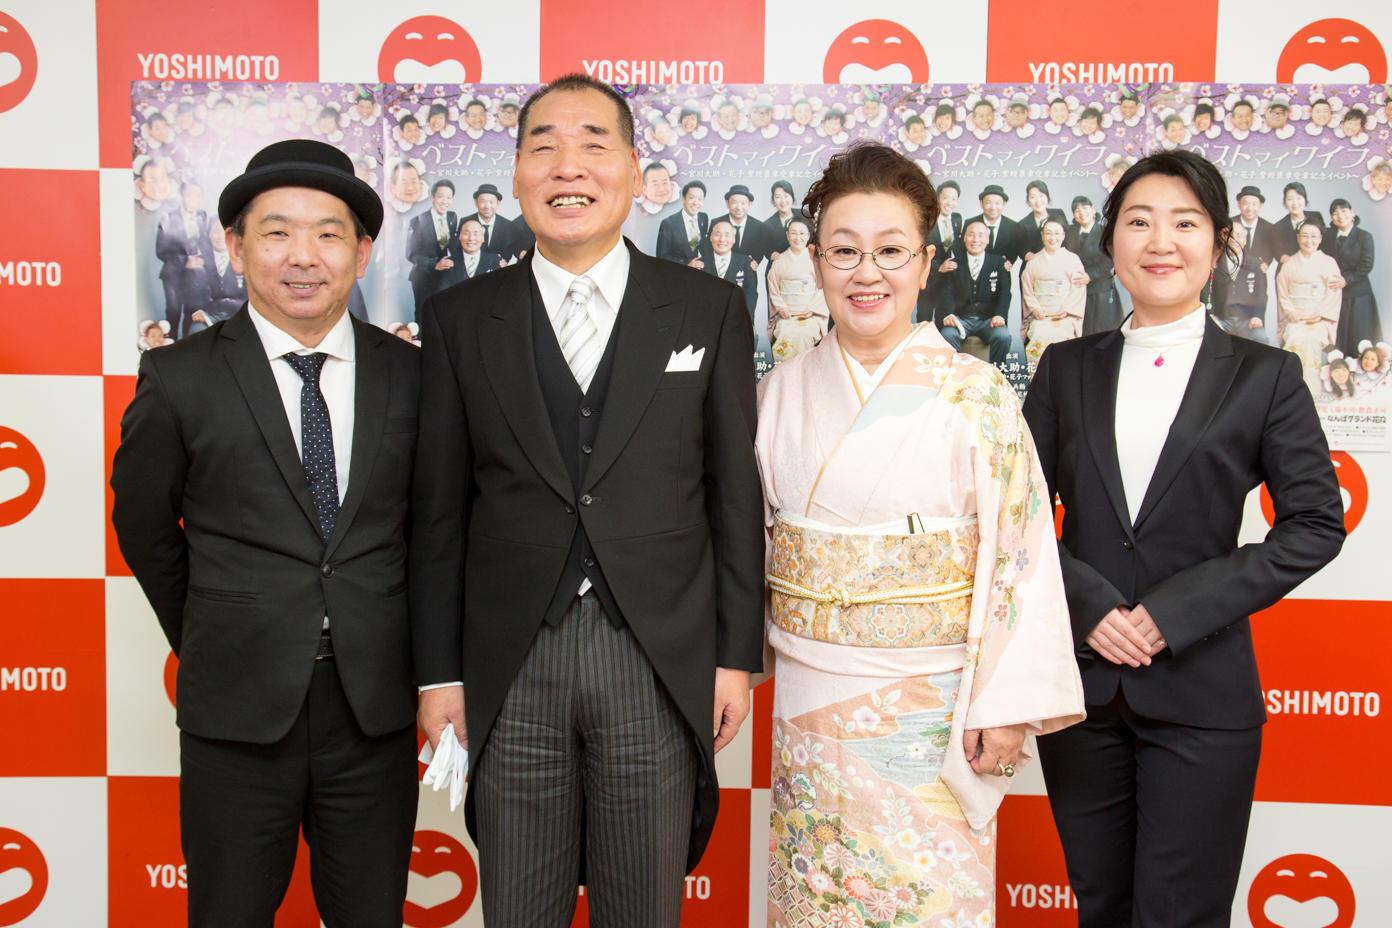 http://news.yoshimoto.co.jp/20180116115924-44e6dfd53f0937cbac84ddc5f76820e7ca3b91a9.jpg